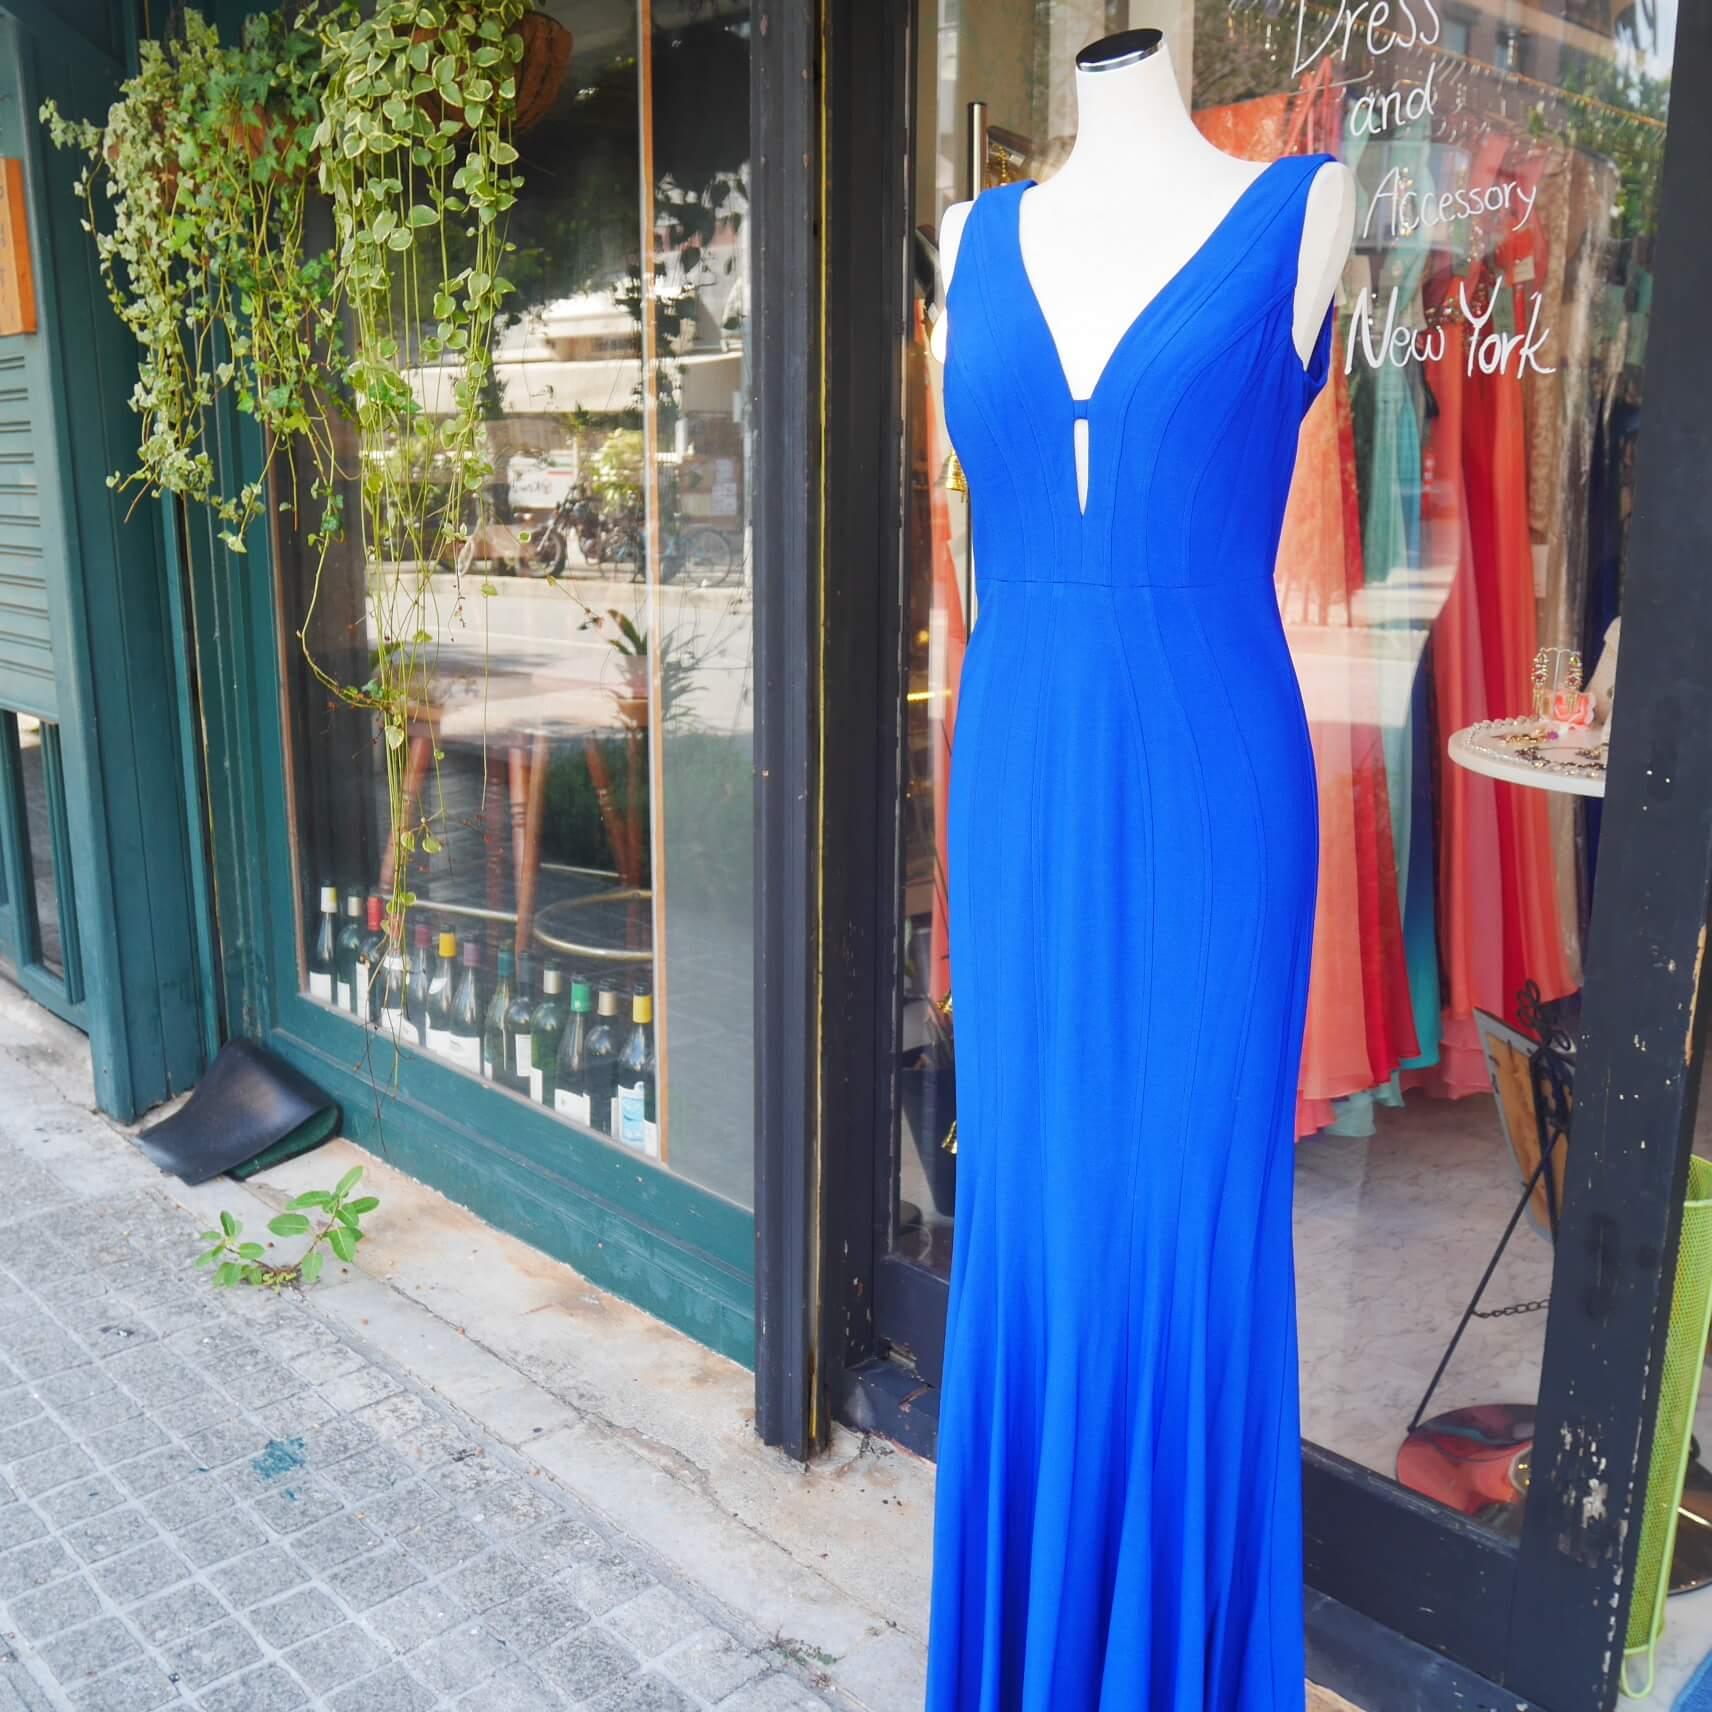 沖縄 パーティードレス 二次会ドレス ボールドレス ロイヤルブルー スレンダードレス ステージドレス ドレス ロイヤルブルー